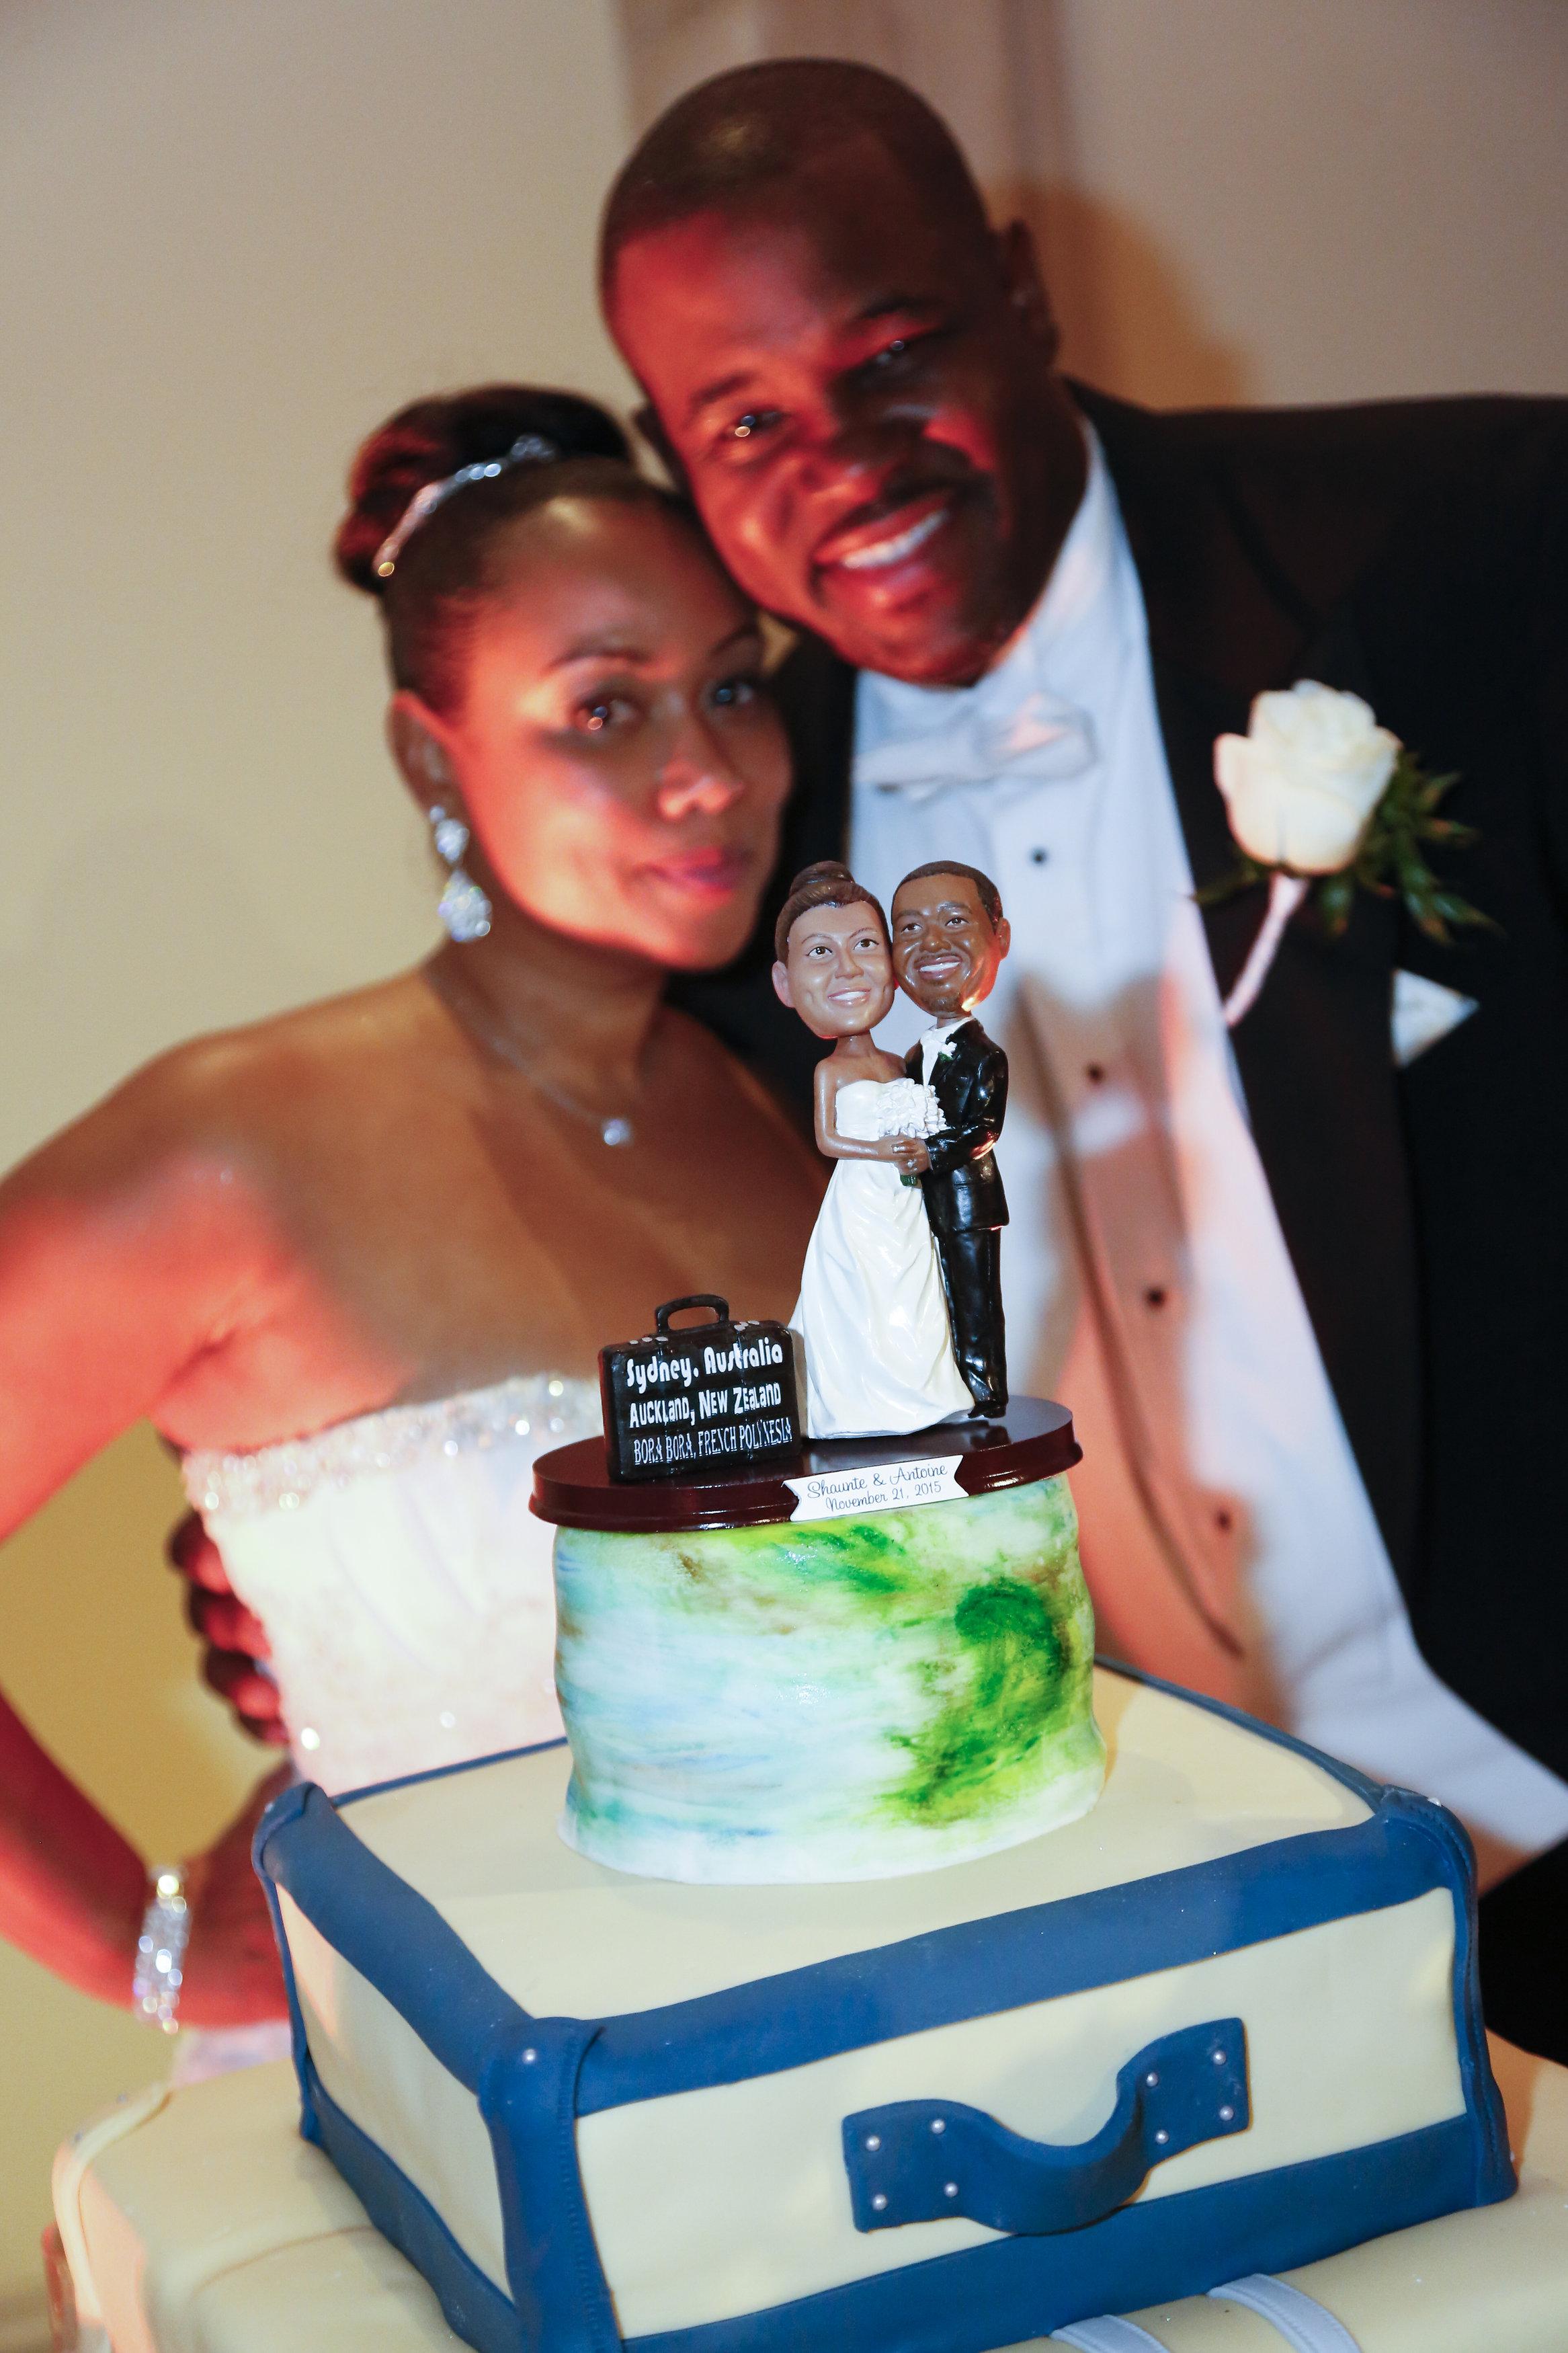 travel themed cake and custom cake topper